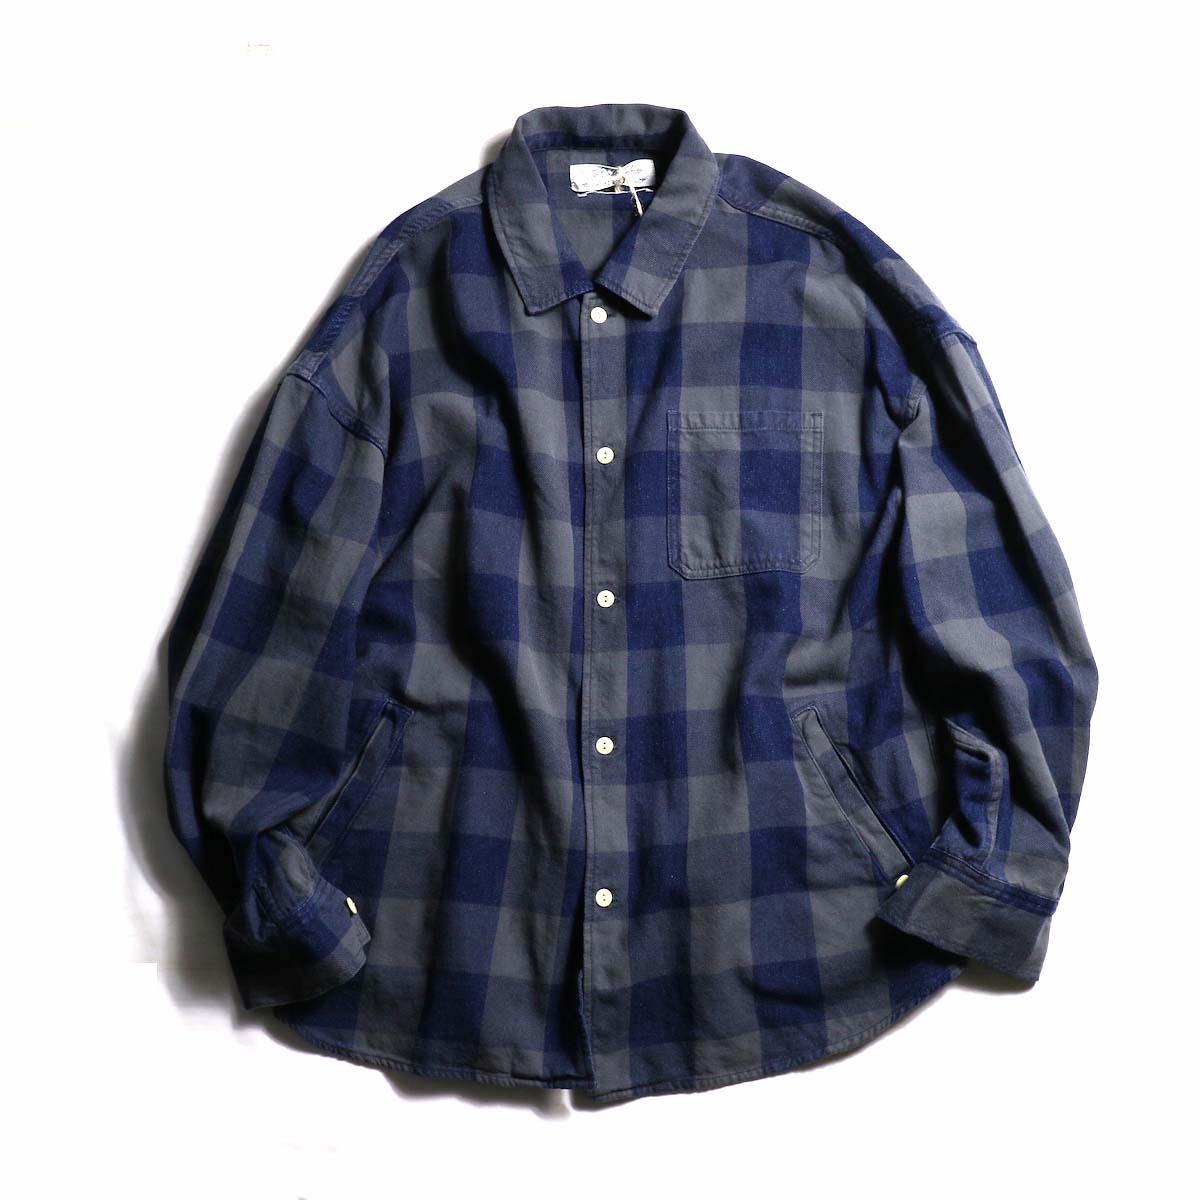 REMI RELIEF / インディゴブロックチェックシャツ -gray